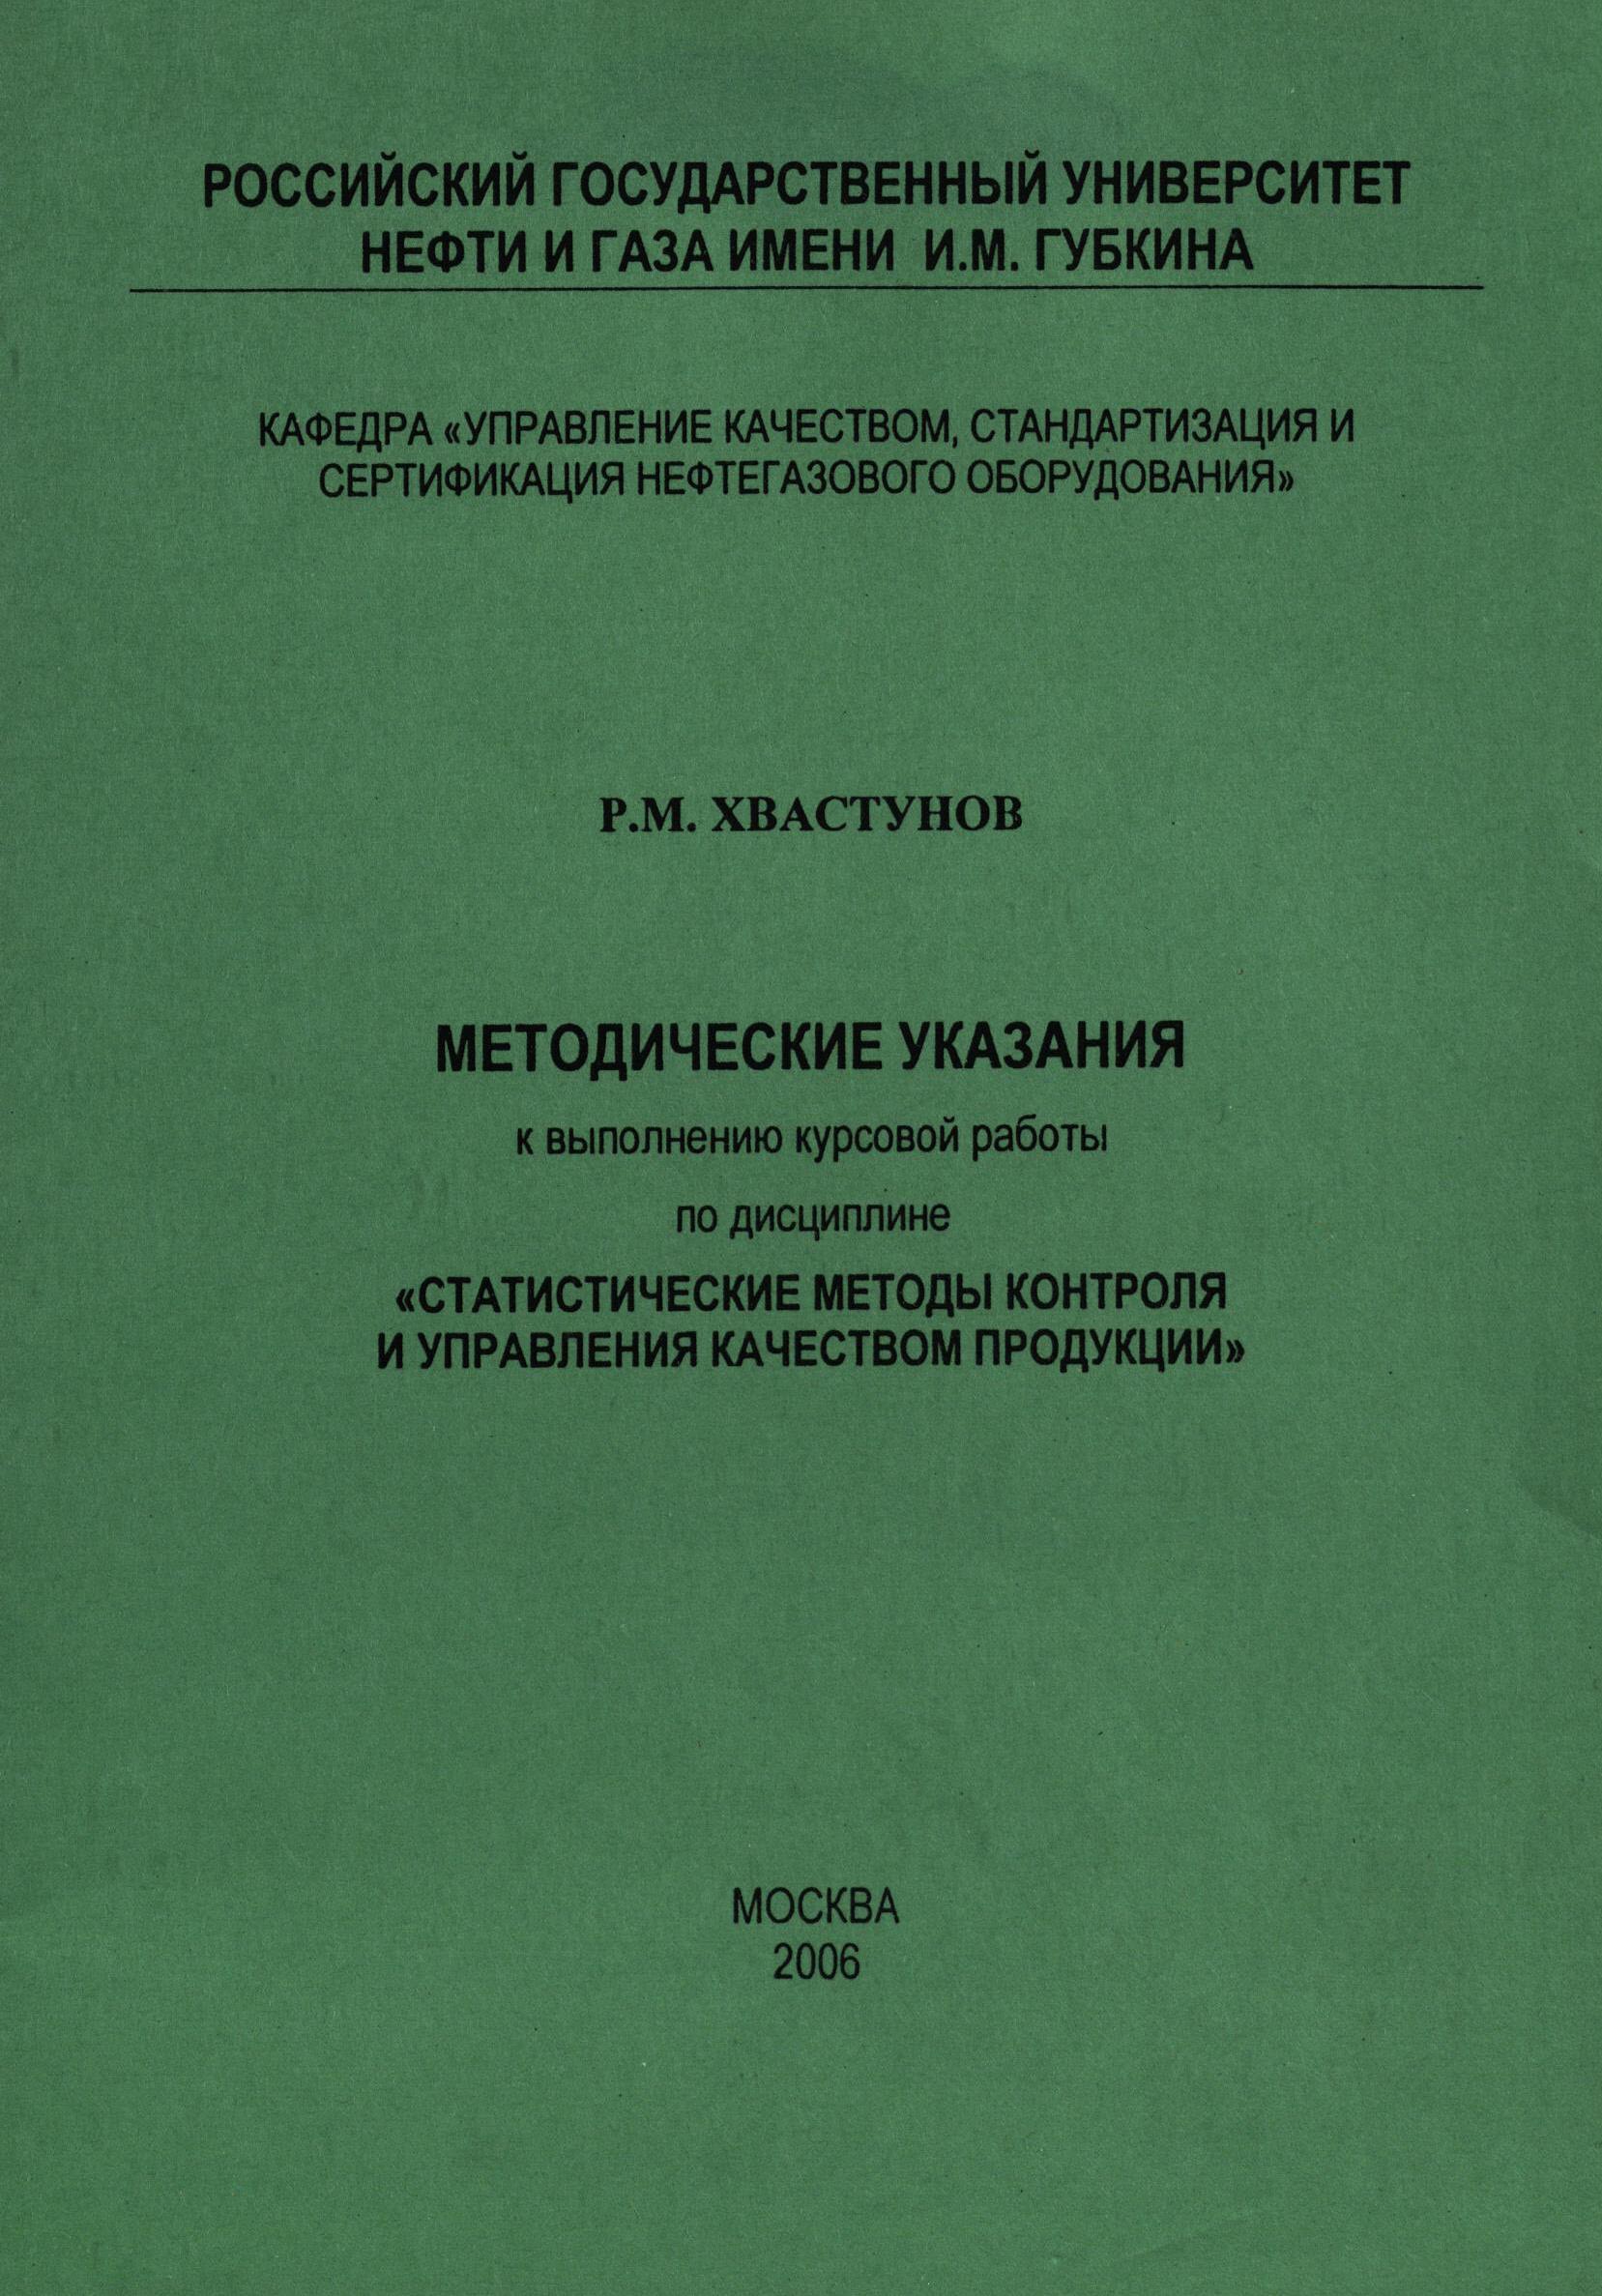 Методические указания к выполнению курсовой работы по дисциплине  Приведена подробная методика выполнения курсовой работы рекомендации по выполнению анализа учебной и научной литературы устанавливающей статистические